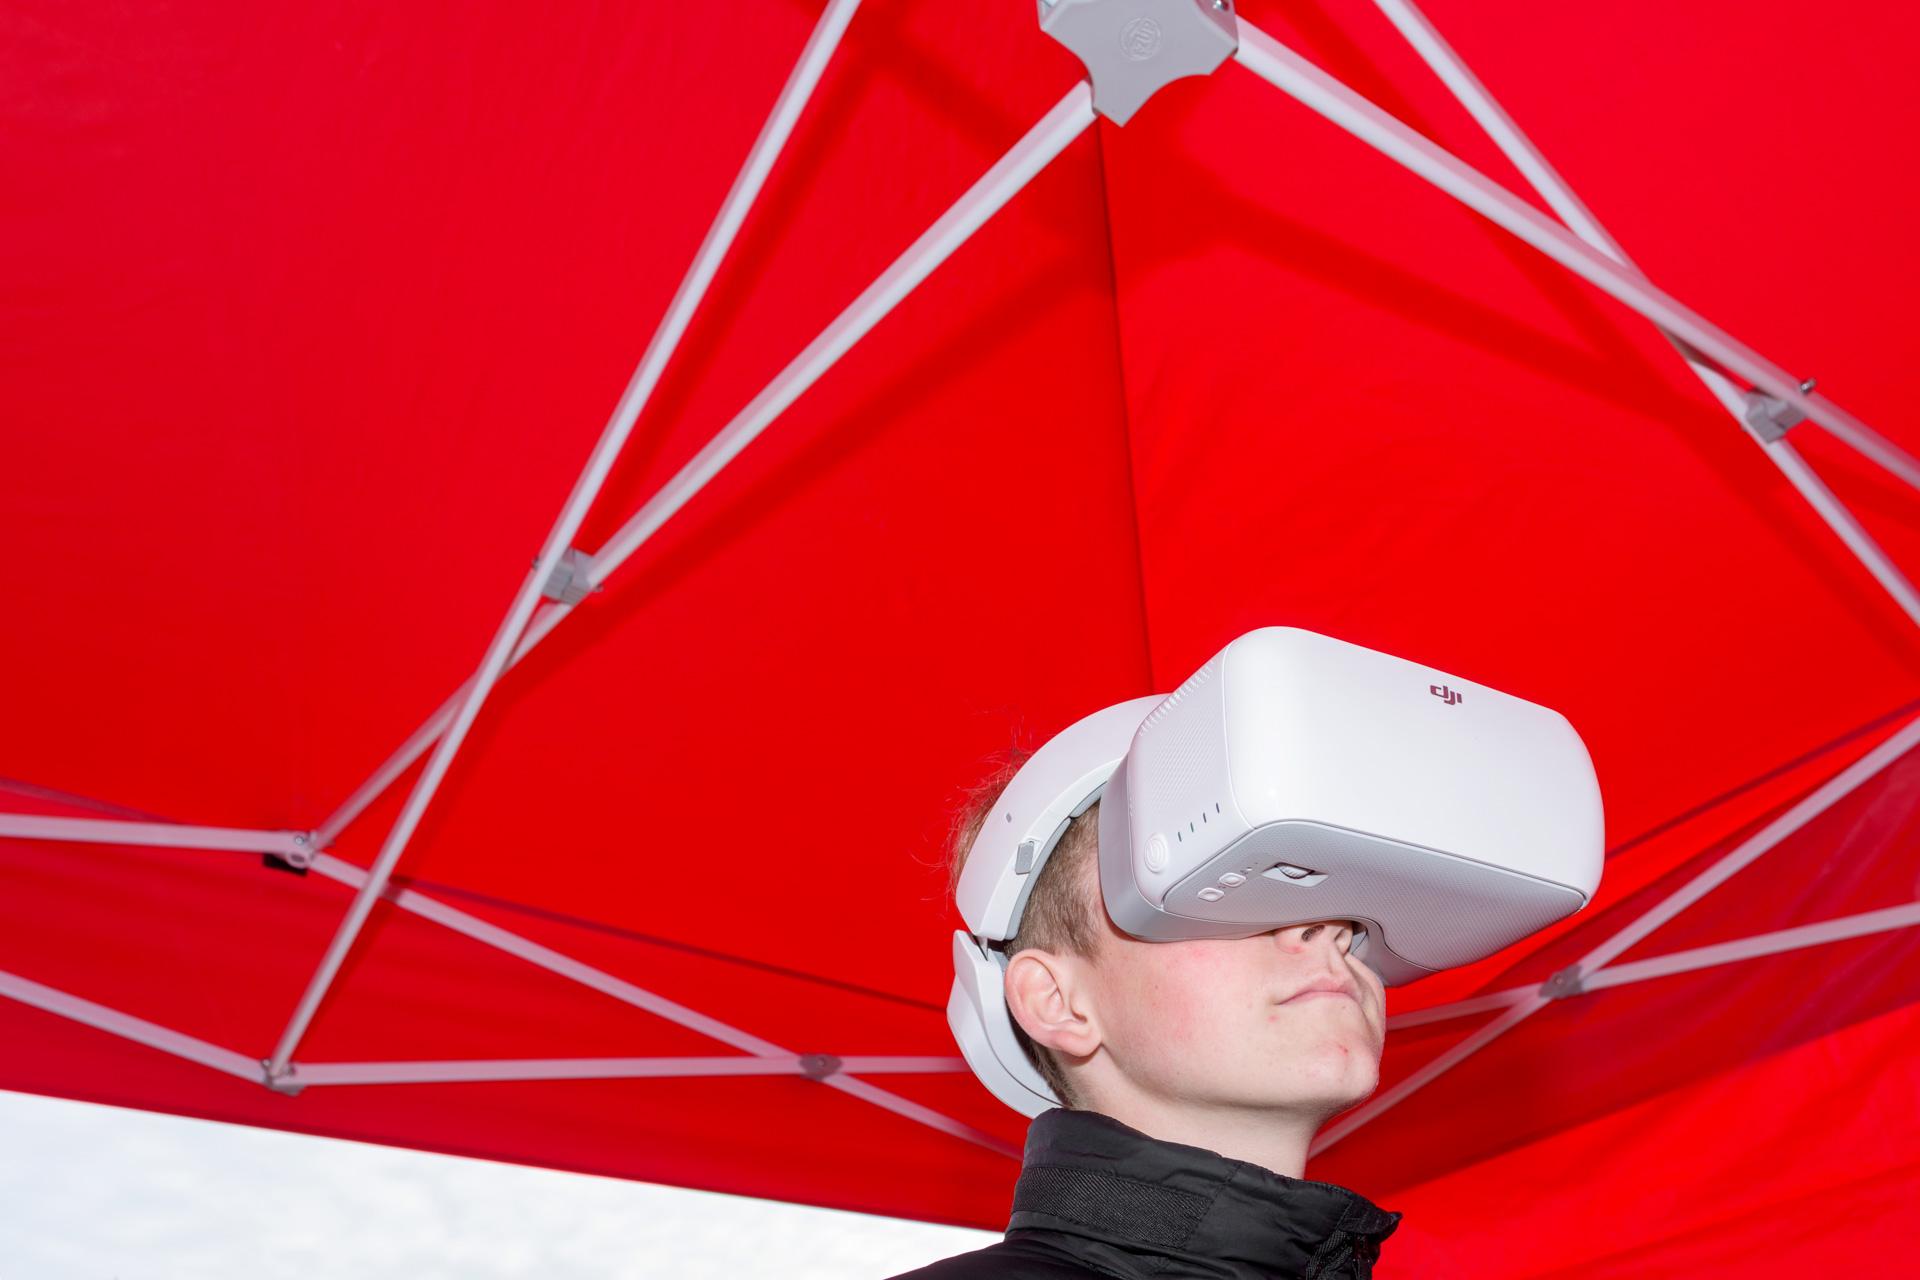 Face Reality | kijken door drone camera tijdens besturing- Dronefestival TT Assen 2019 | Sas Schilten ★ Fotografie